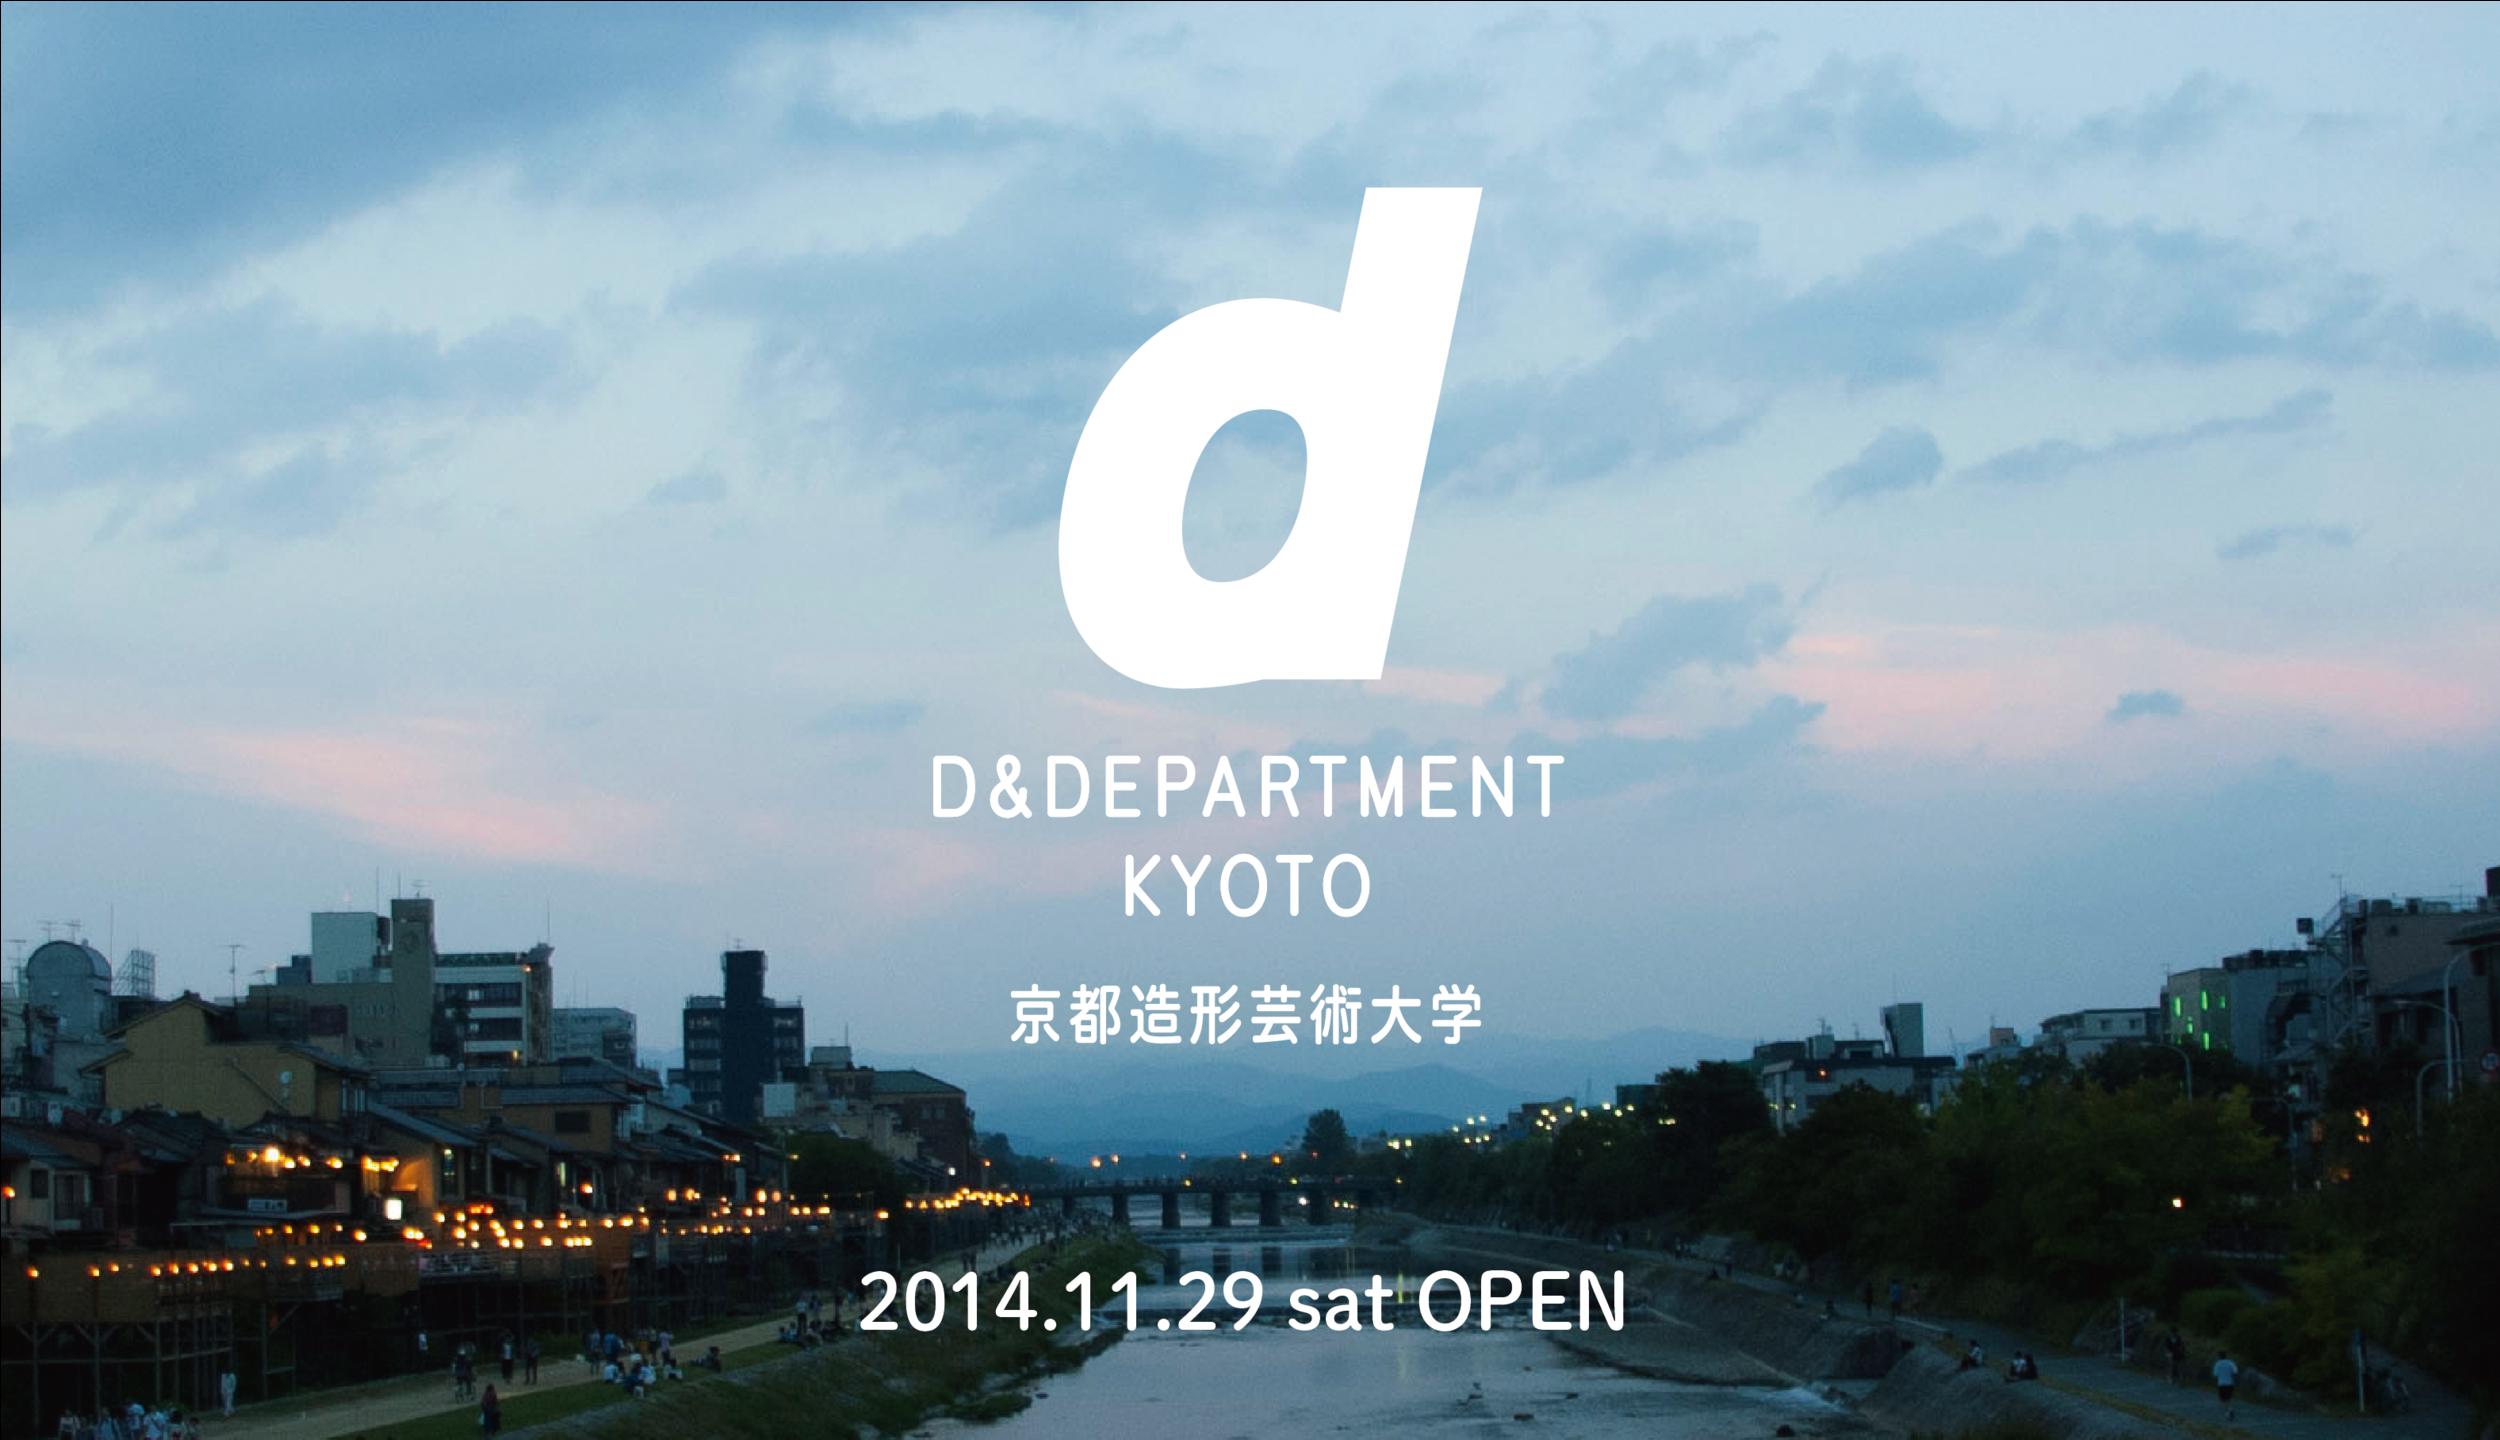 ©D&DEPARTMENT INC